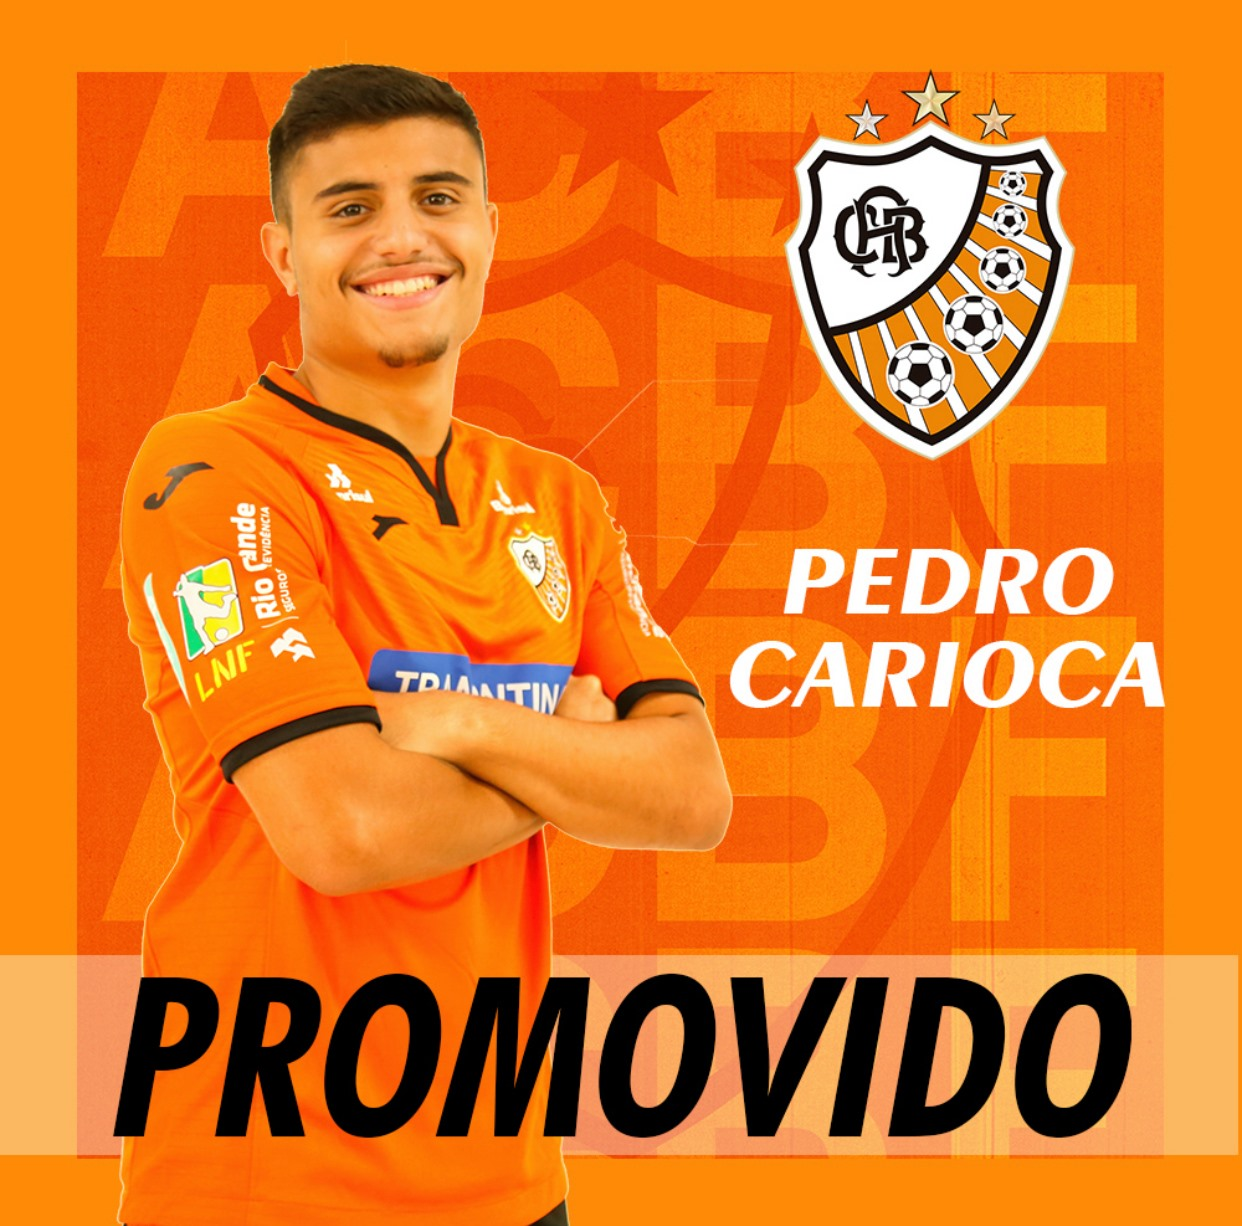 Pedro Carioca - Proneo Sports